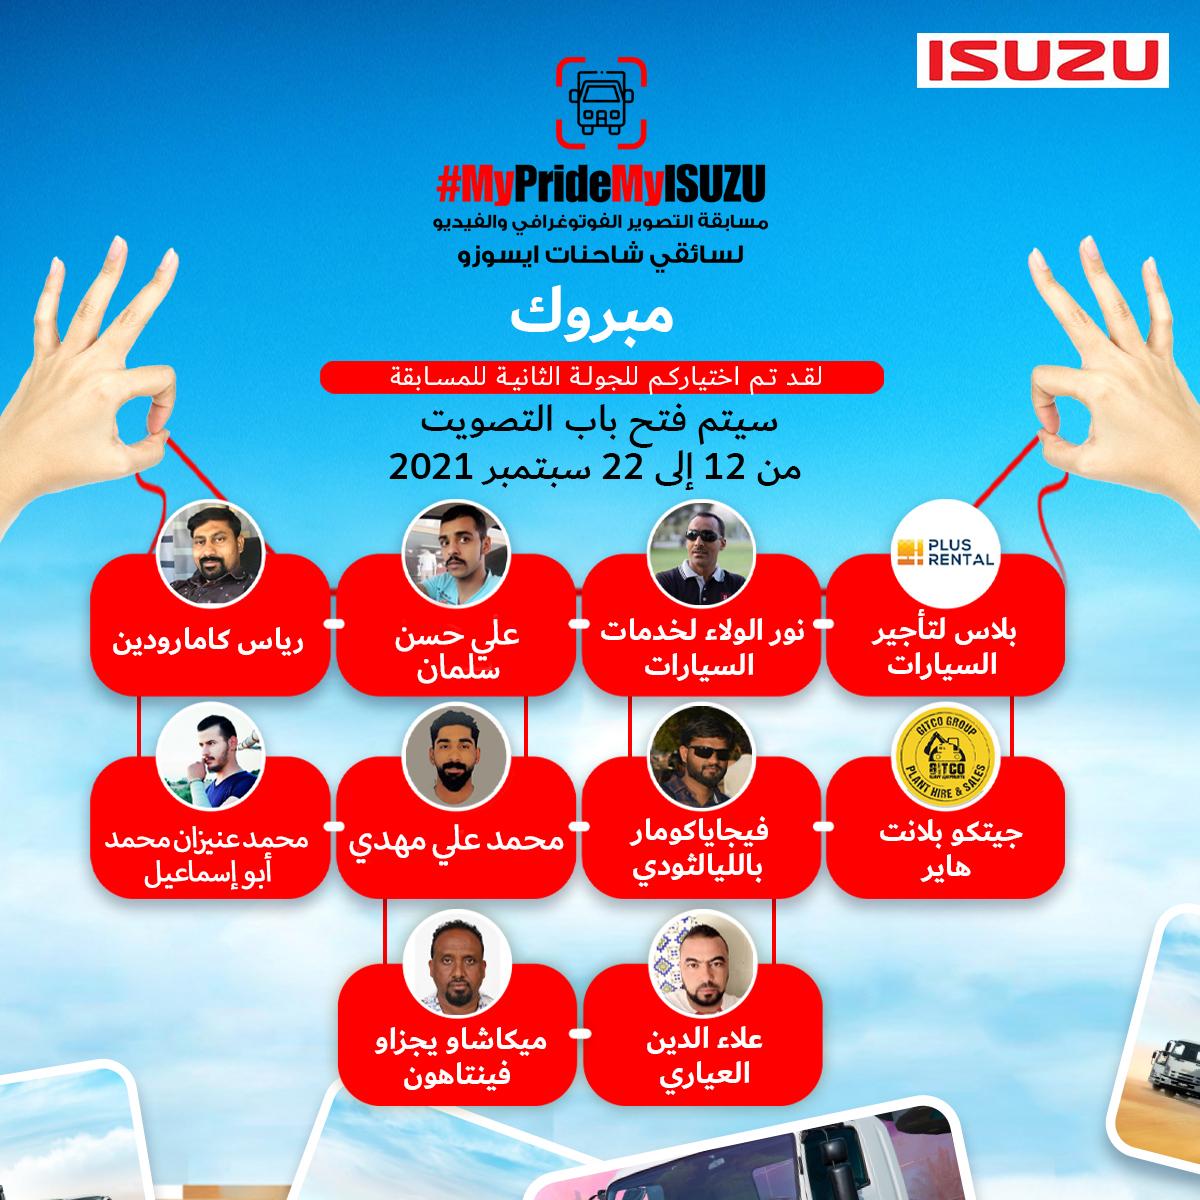 المرحلة 2 - التصويت MYPRIDEMYISUZU# ، مسابقة وسائل التواصل الاجتماعي من قبل ISUZU